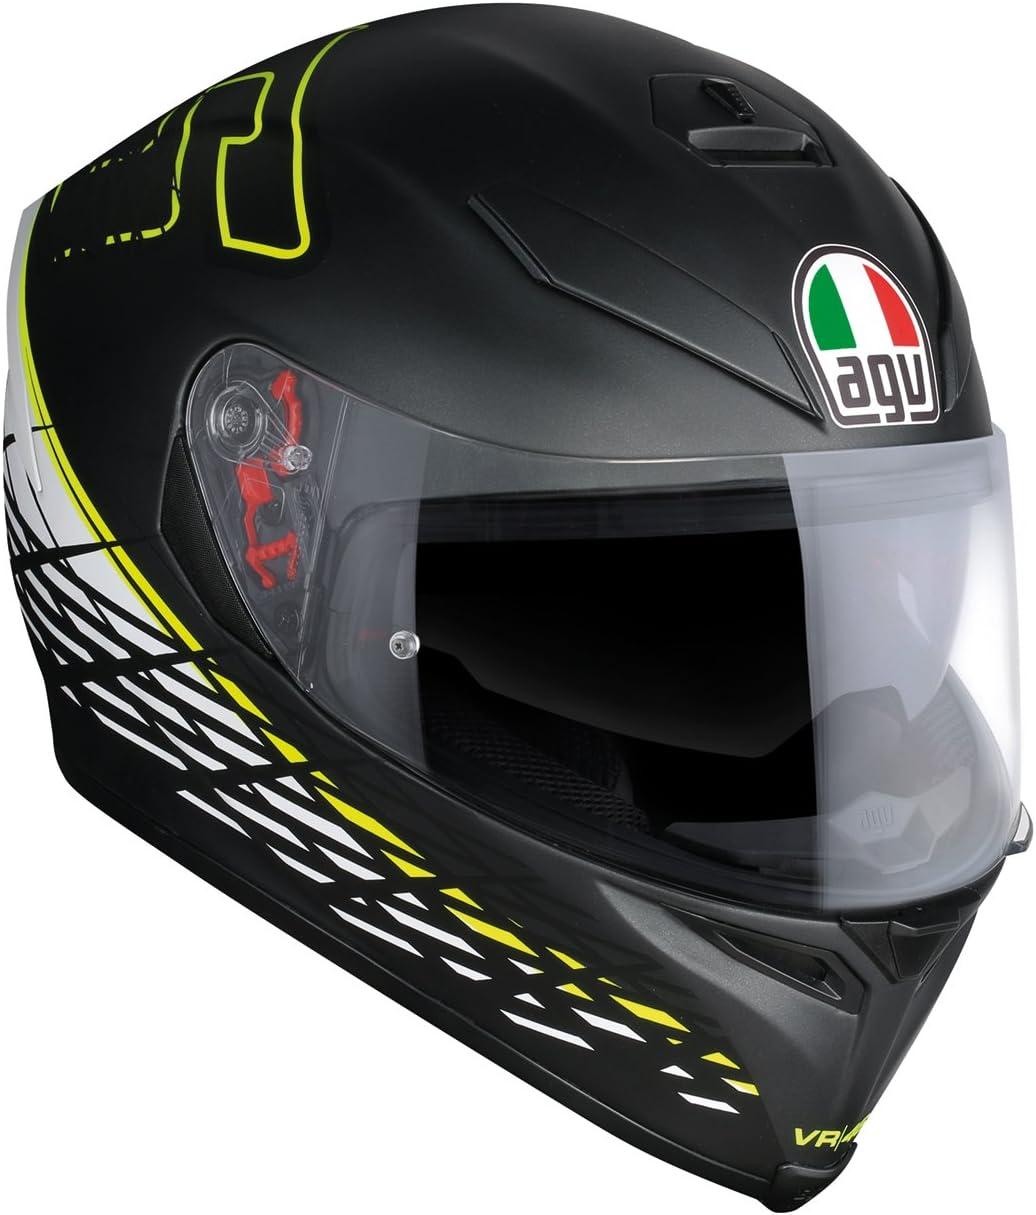 AGV Casco Moto Integrale K-5 S E2205 Top Plk Thorn 46 Nero Matt//Bianco//Giallo Taglia L